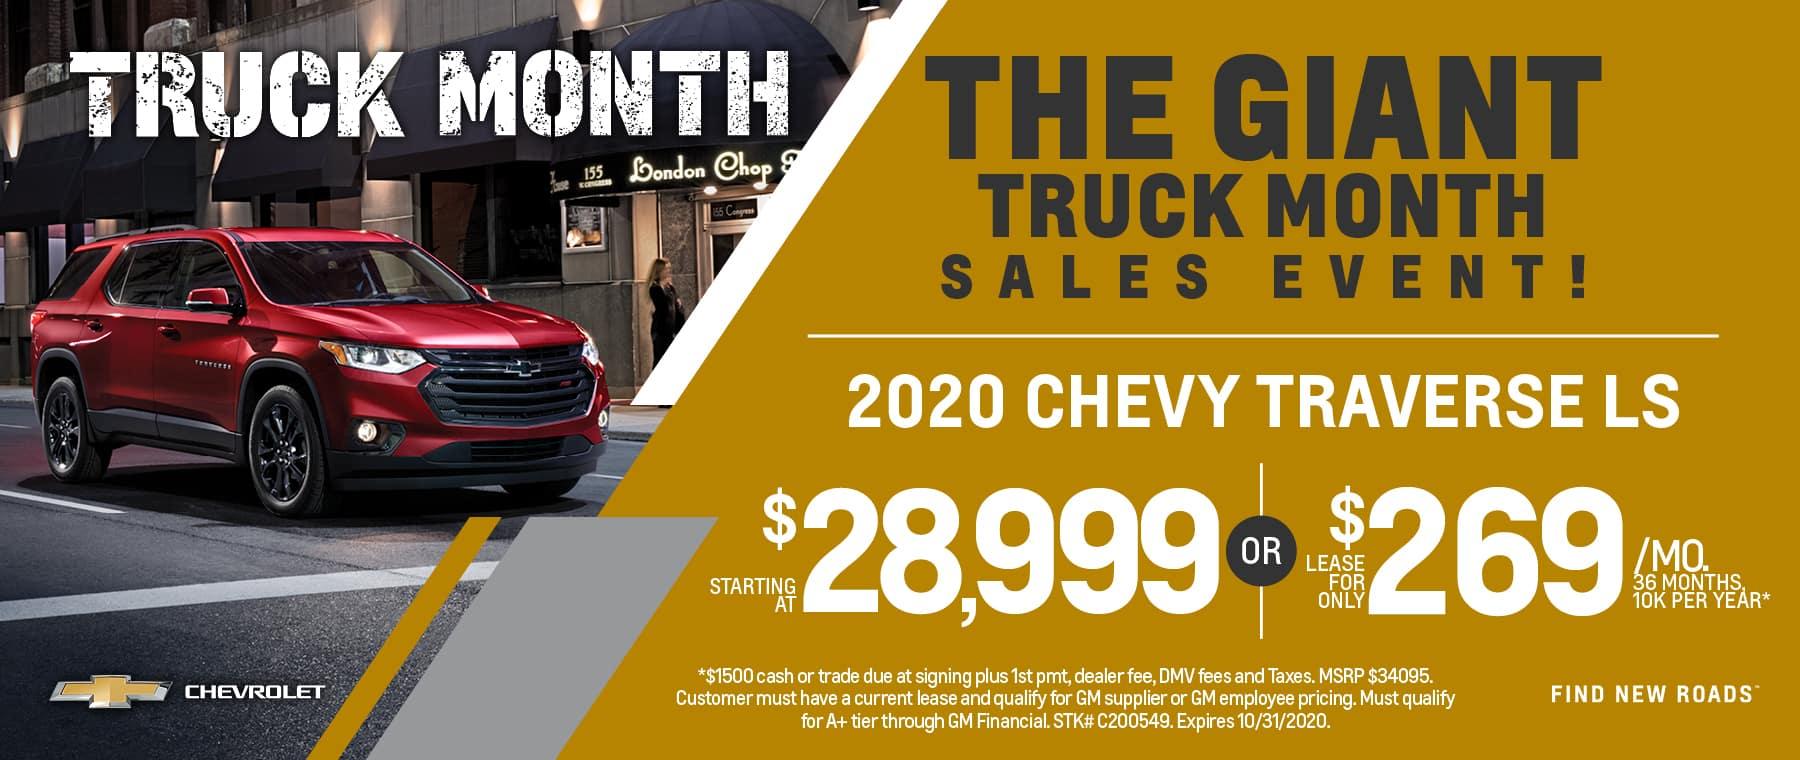 53173-WB-COWC Truck Month Rotators8